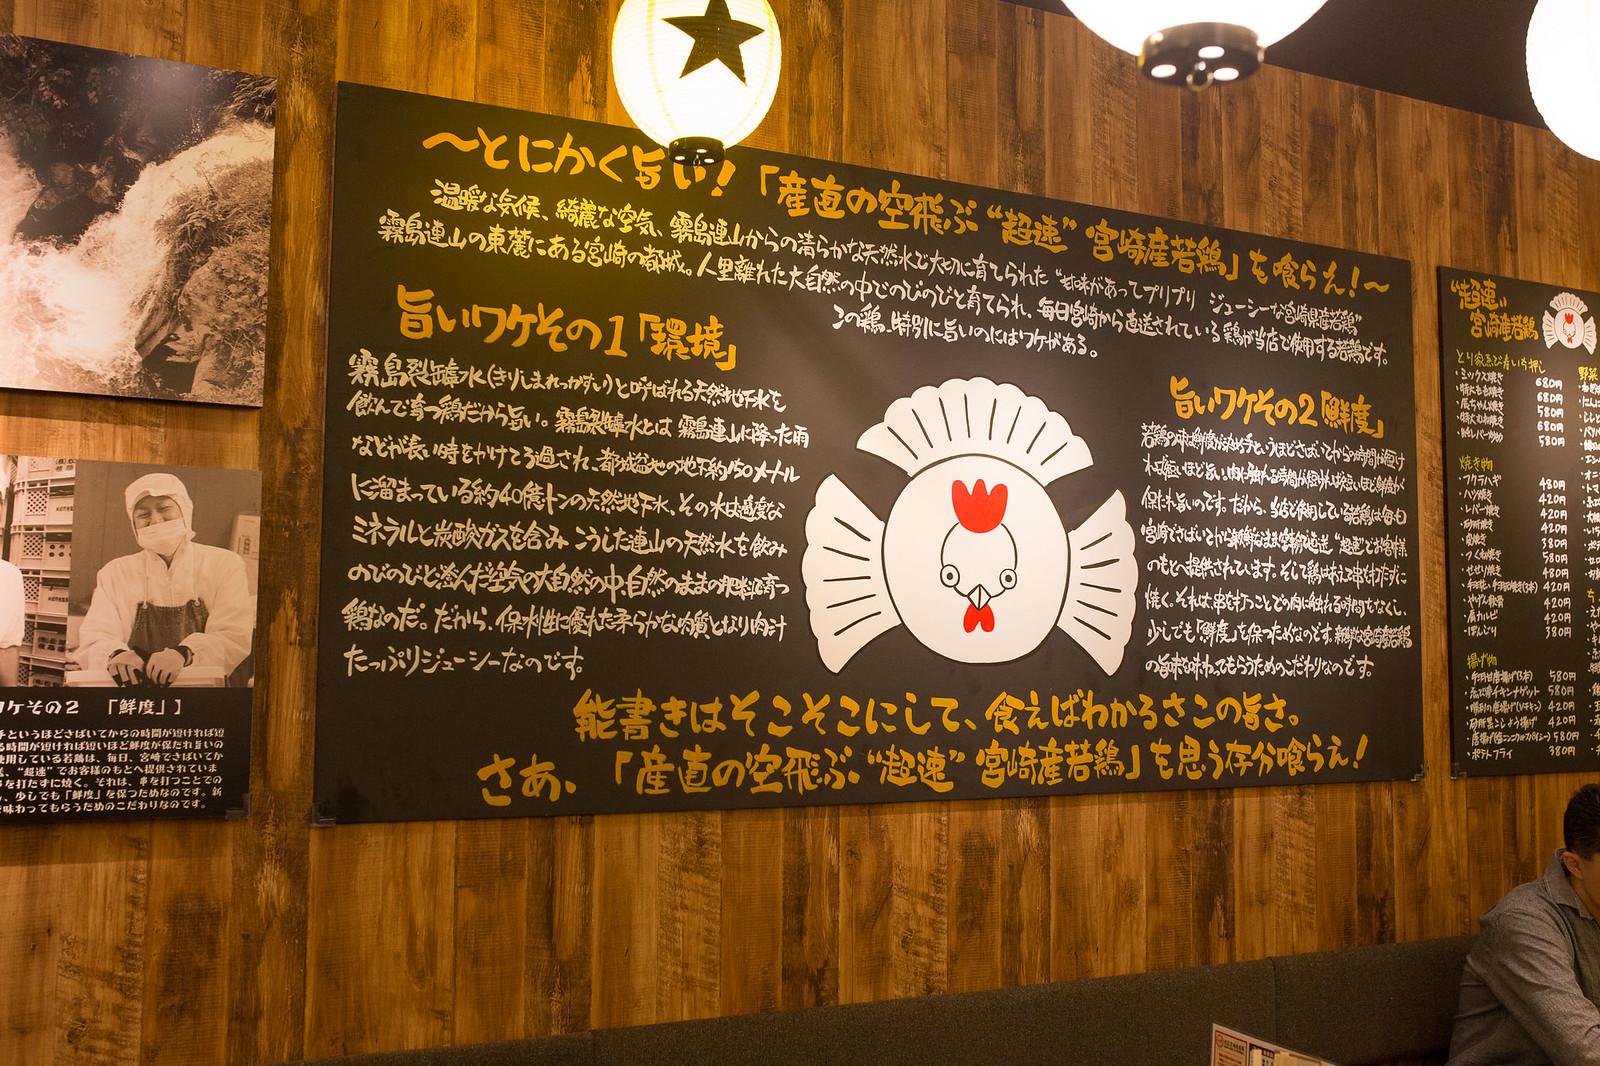 Shinjuku_meiten_yokocho-110